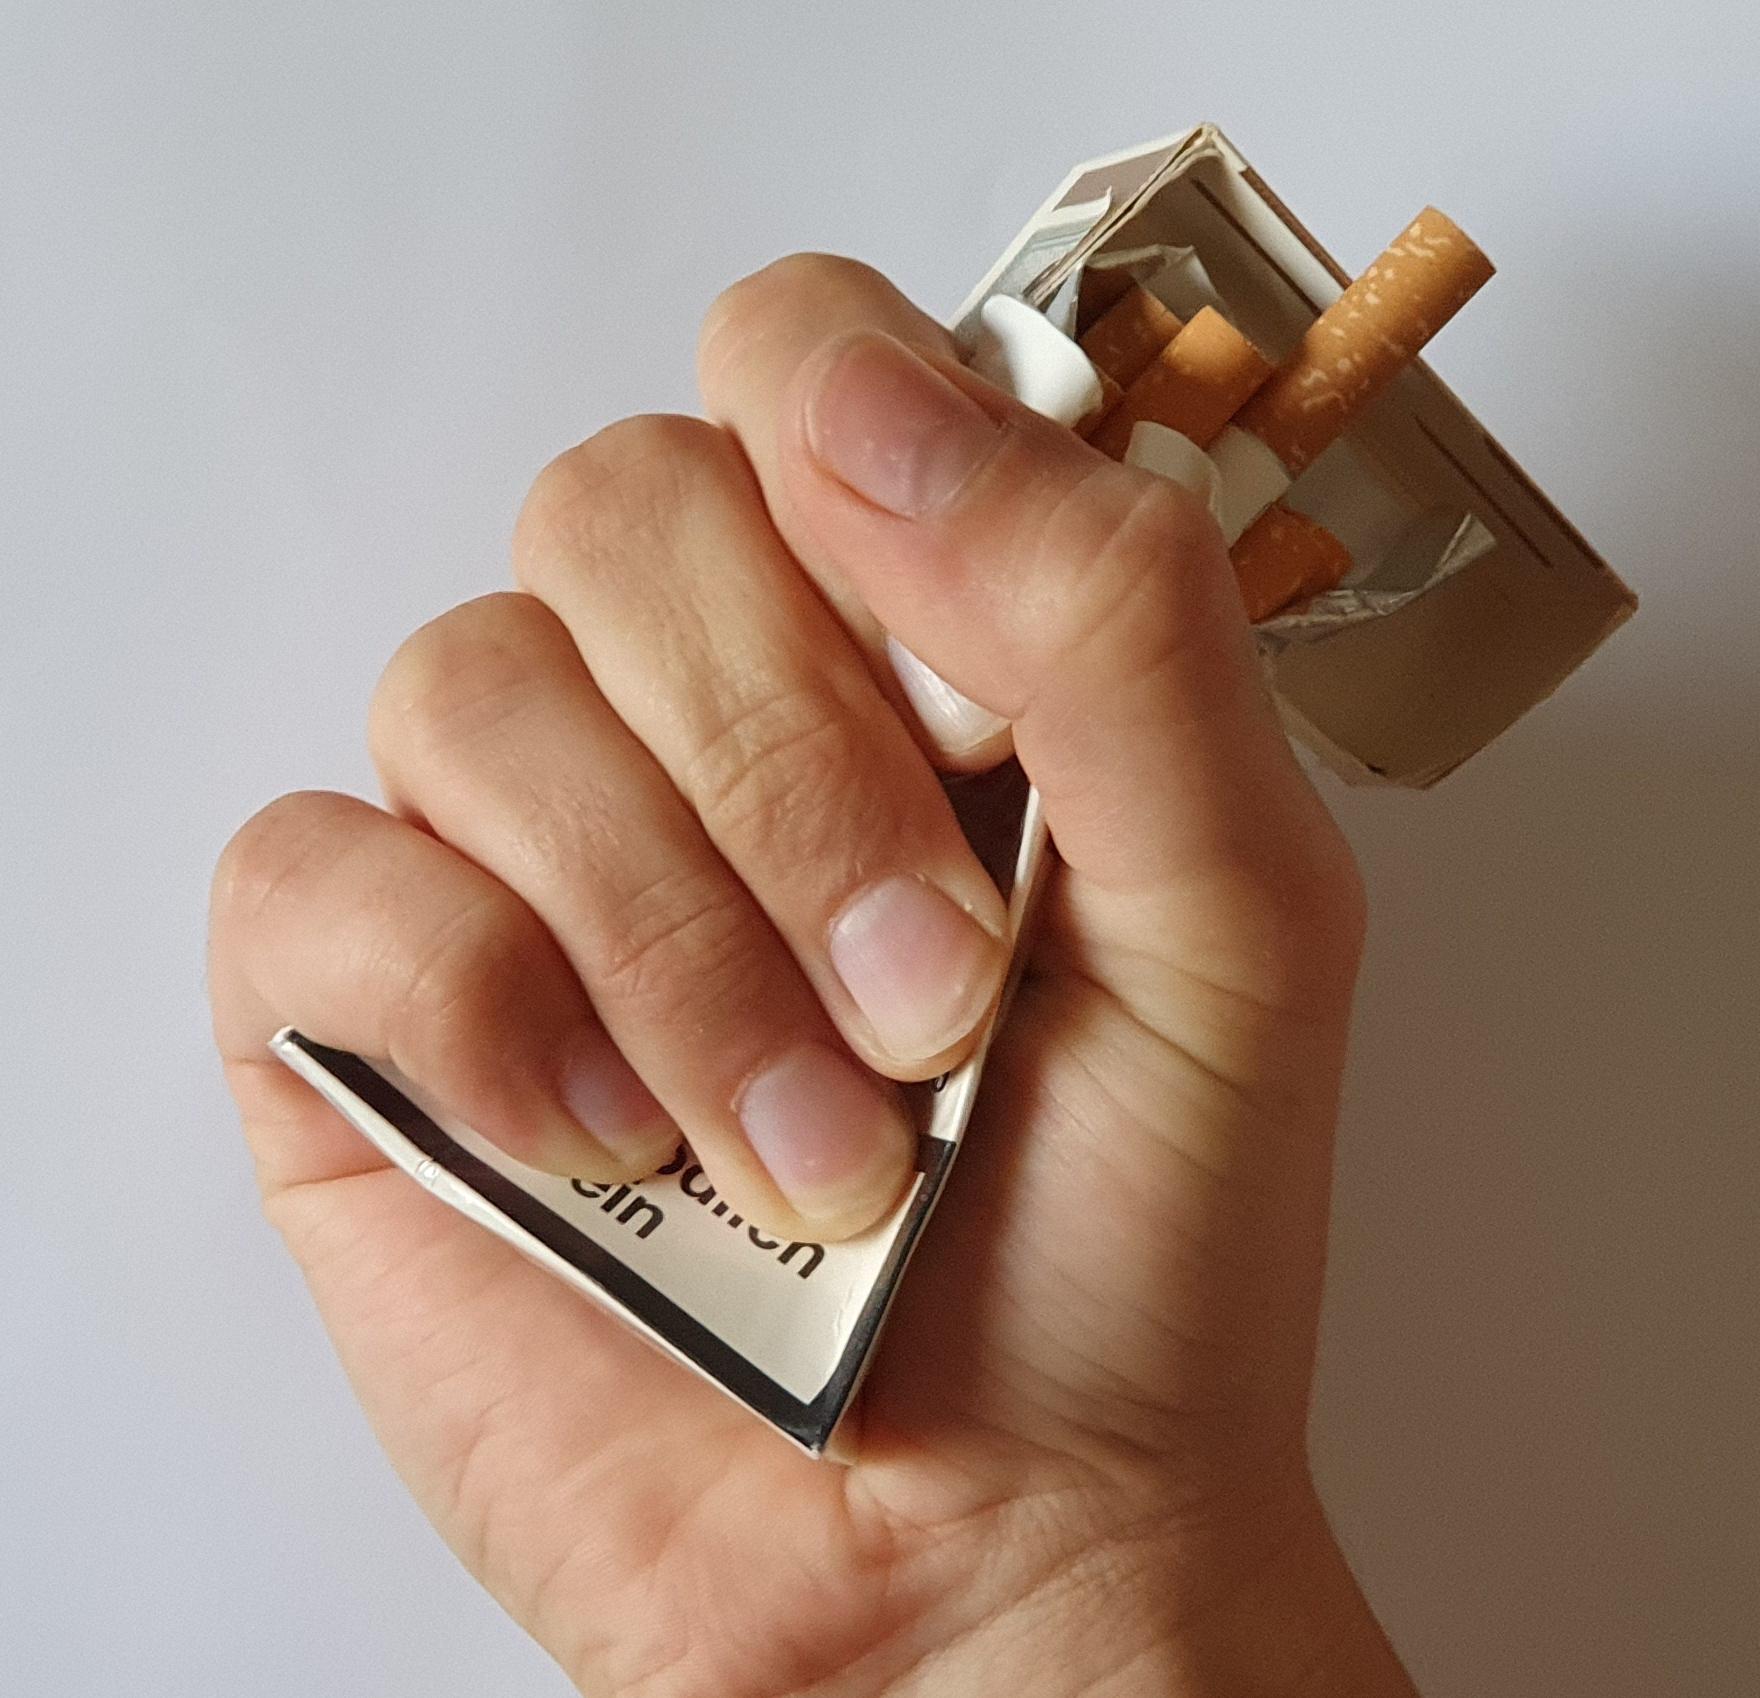 Zigarettenschachtel zerdrückt